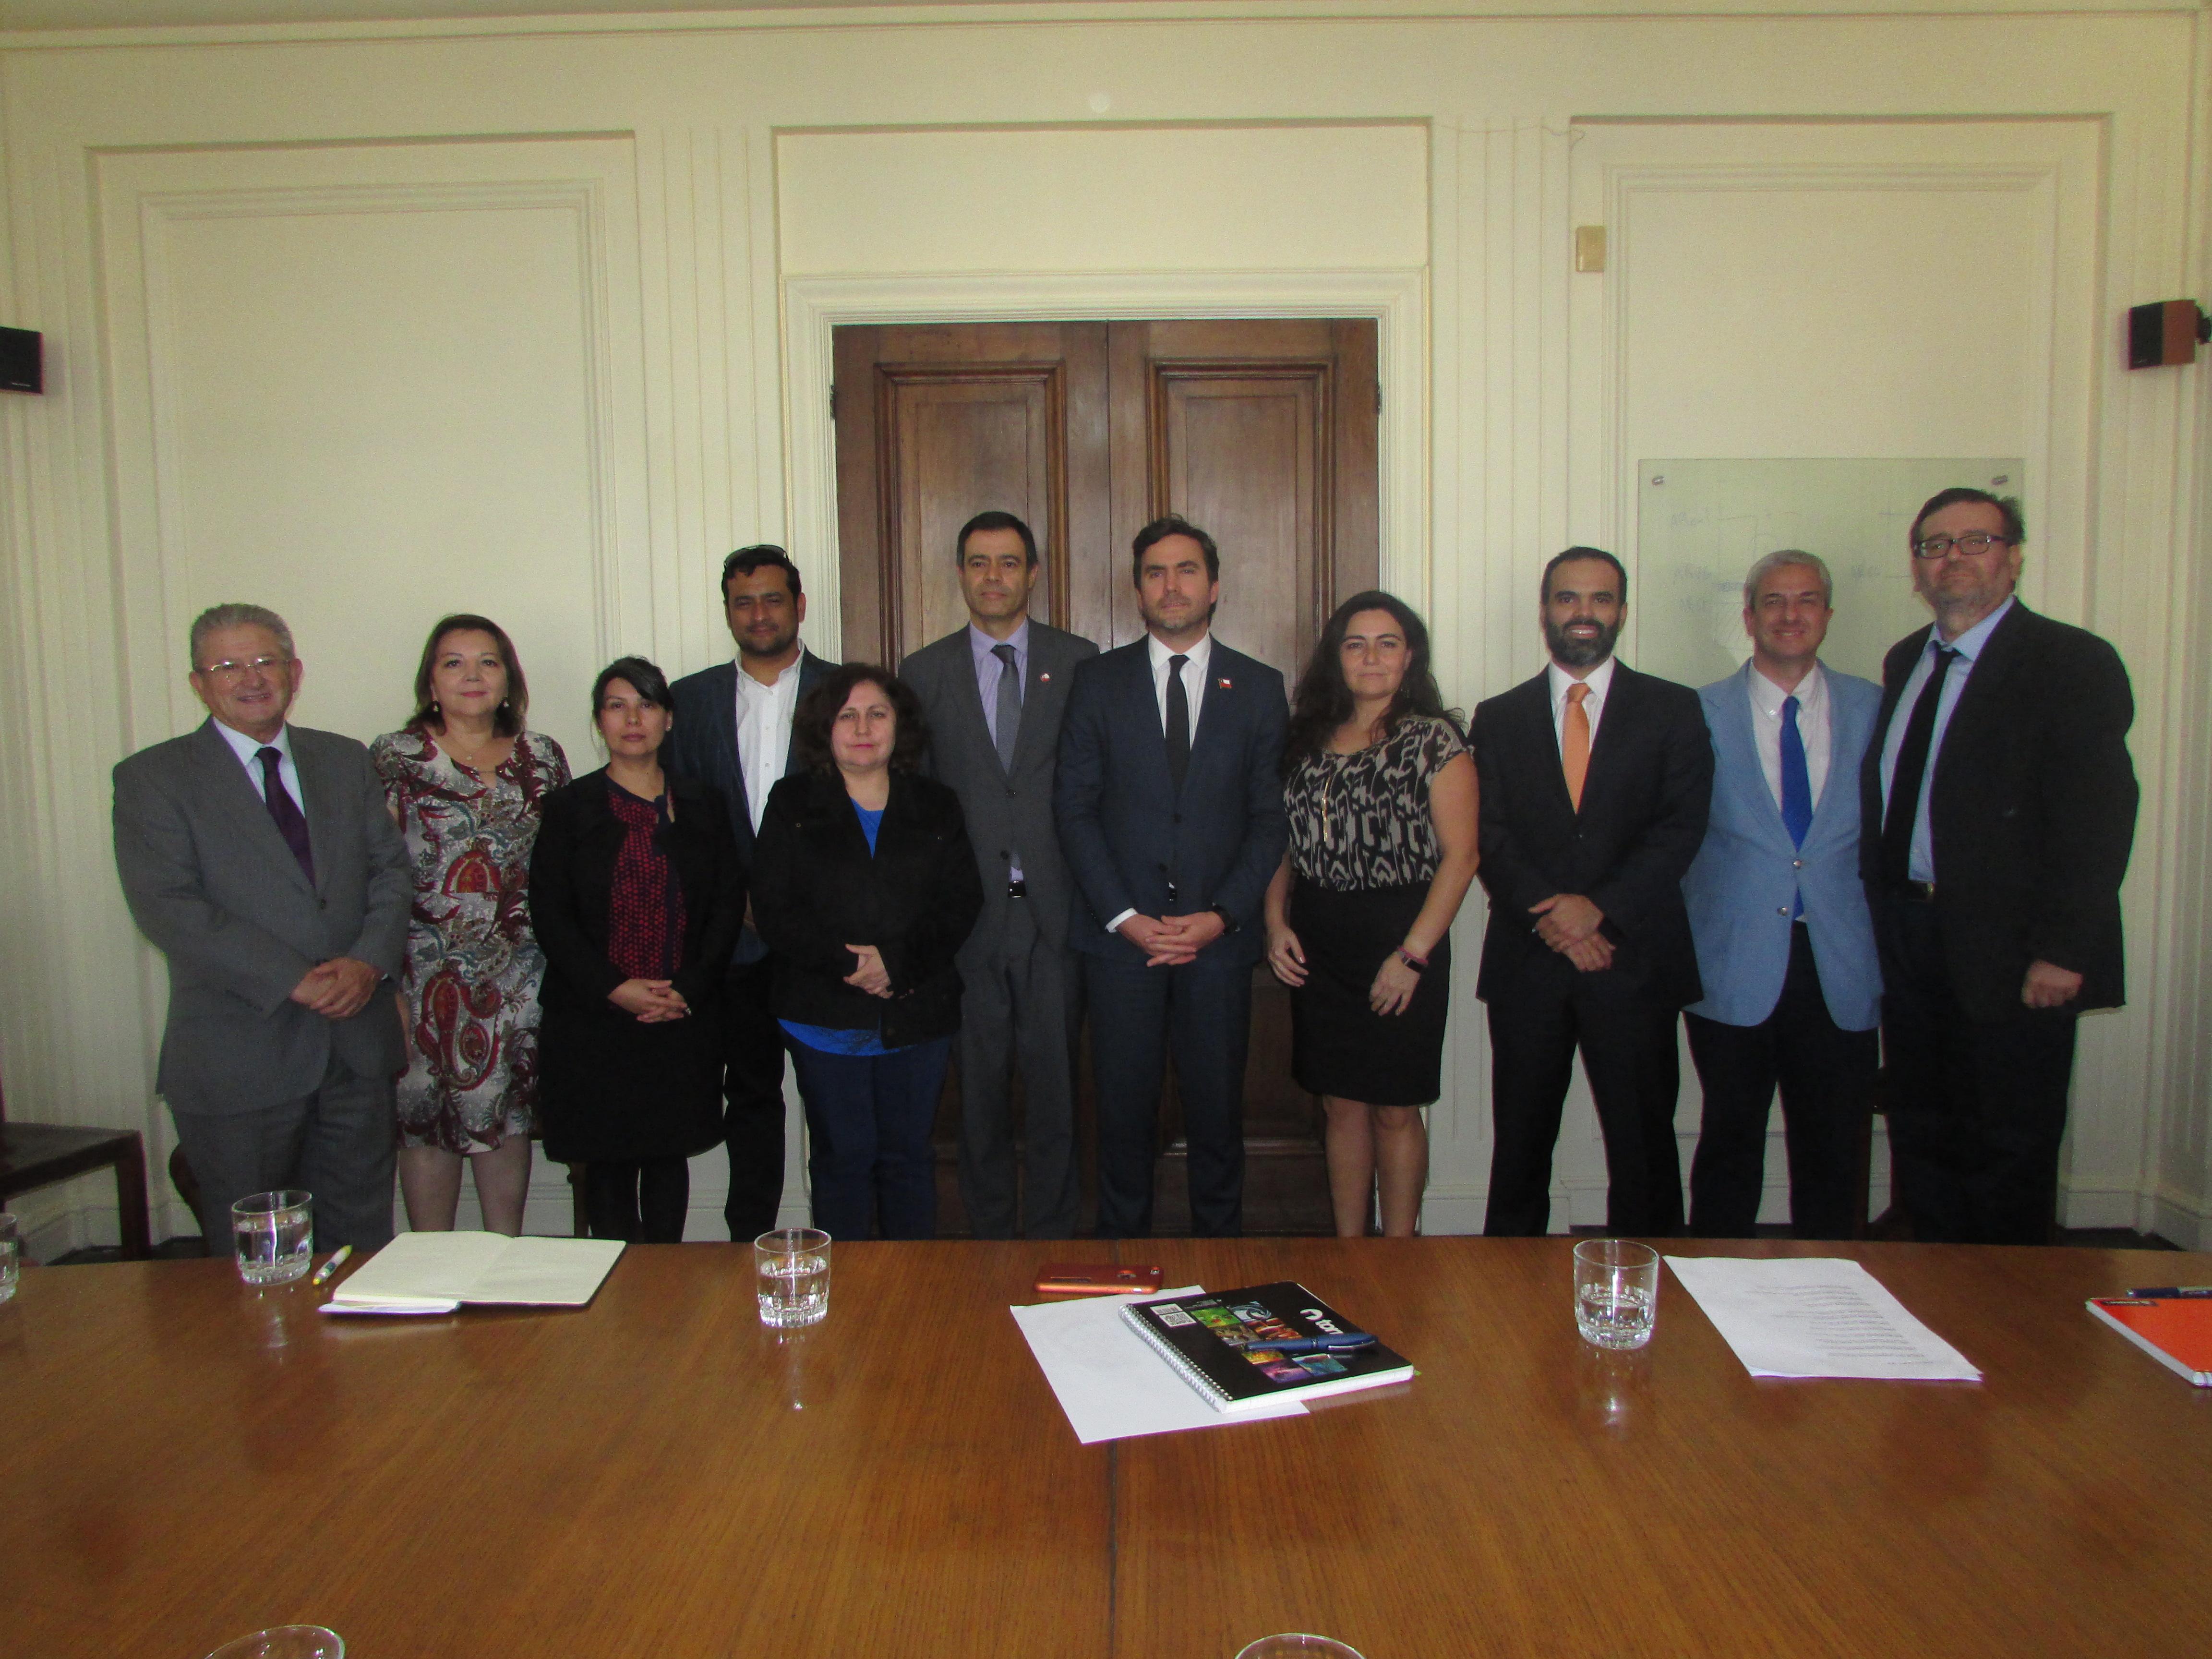 FTH con Subsecretario de Hacienda, Francisco Moreno - 05 Abril 2018